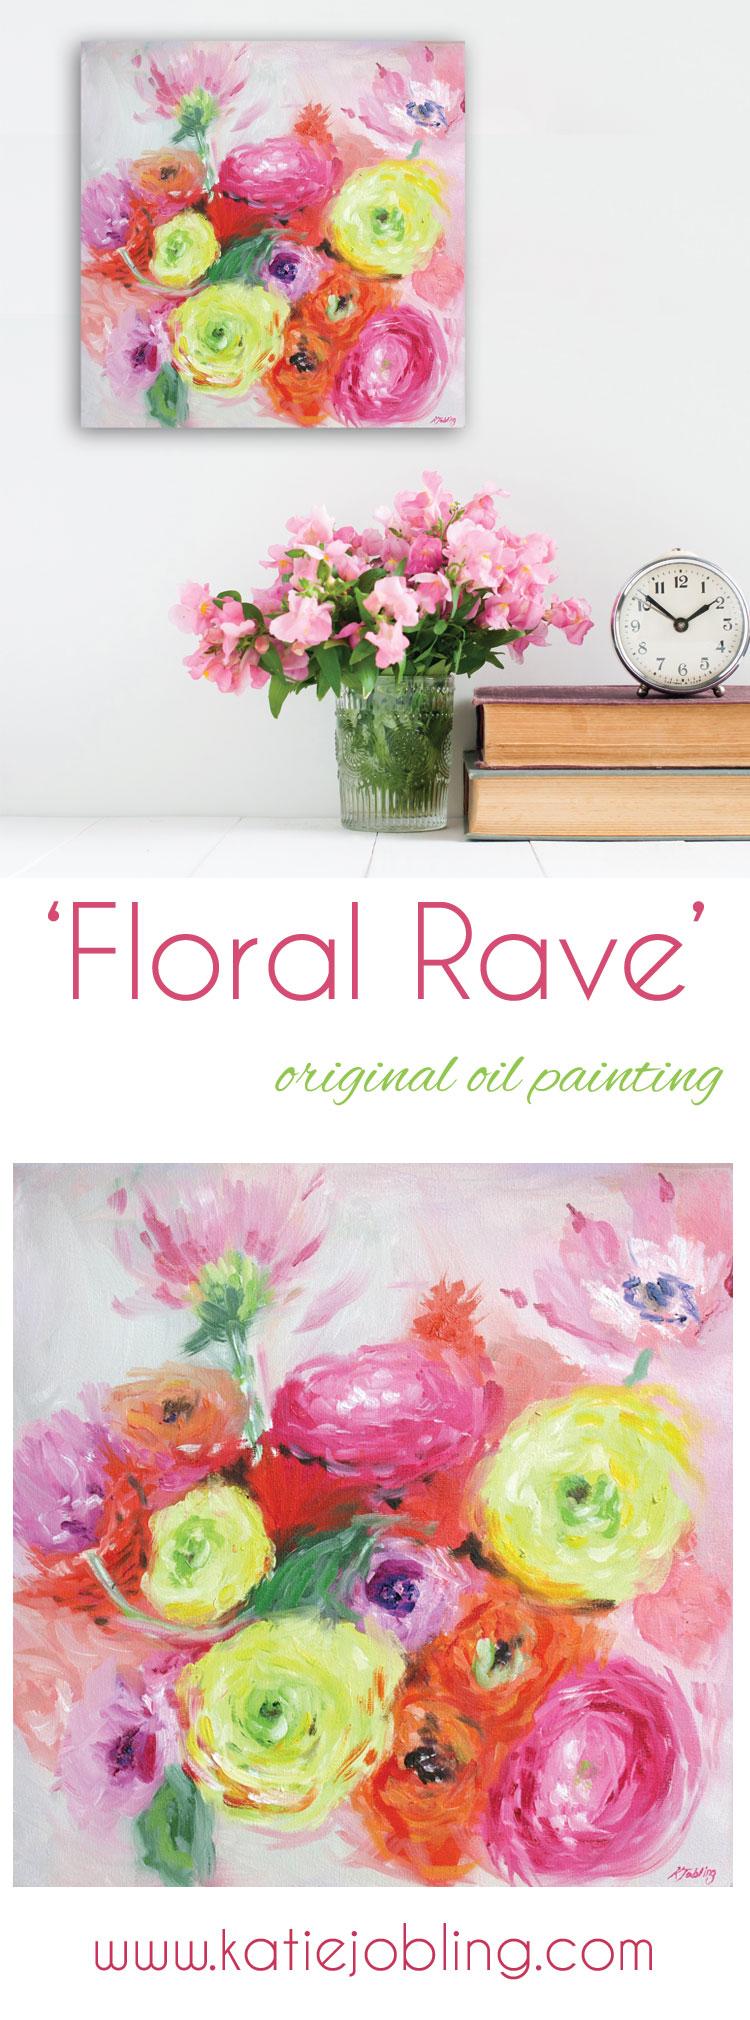 floralrave